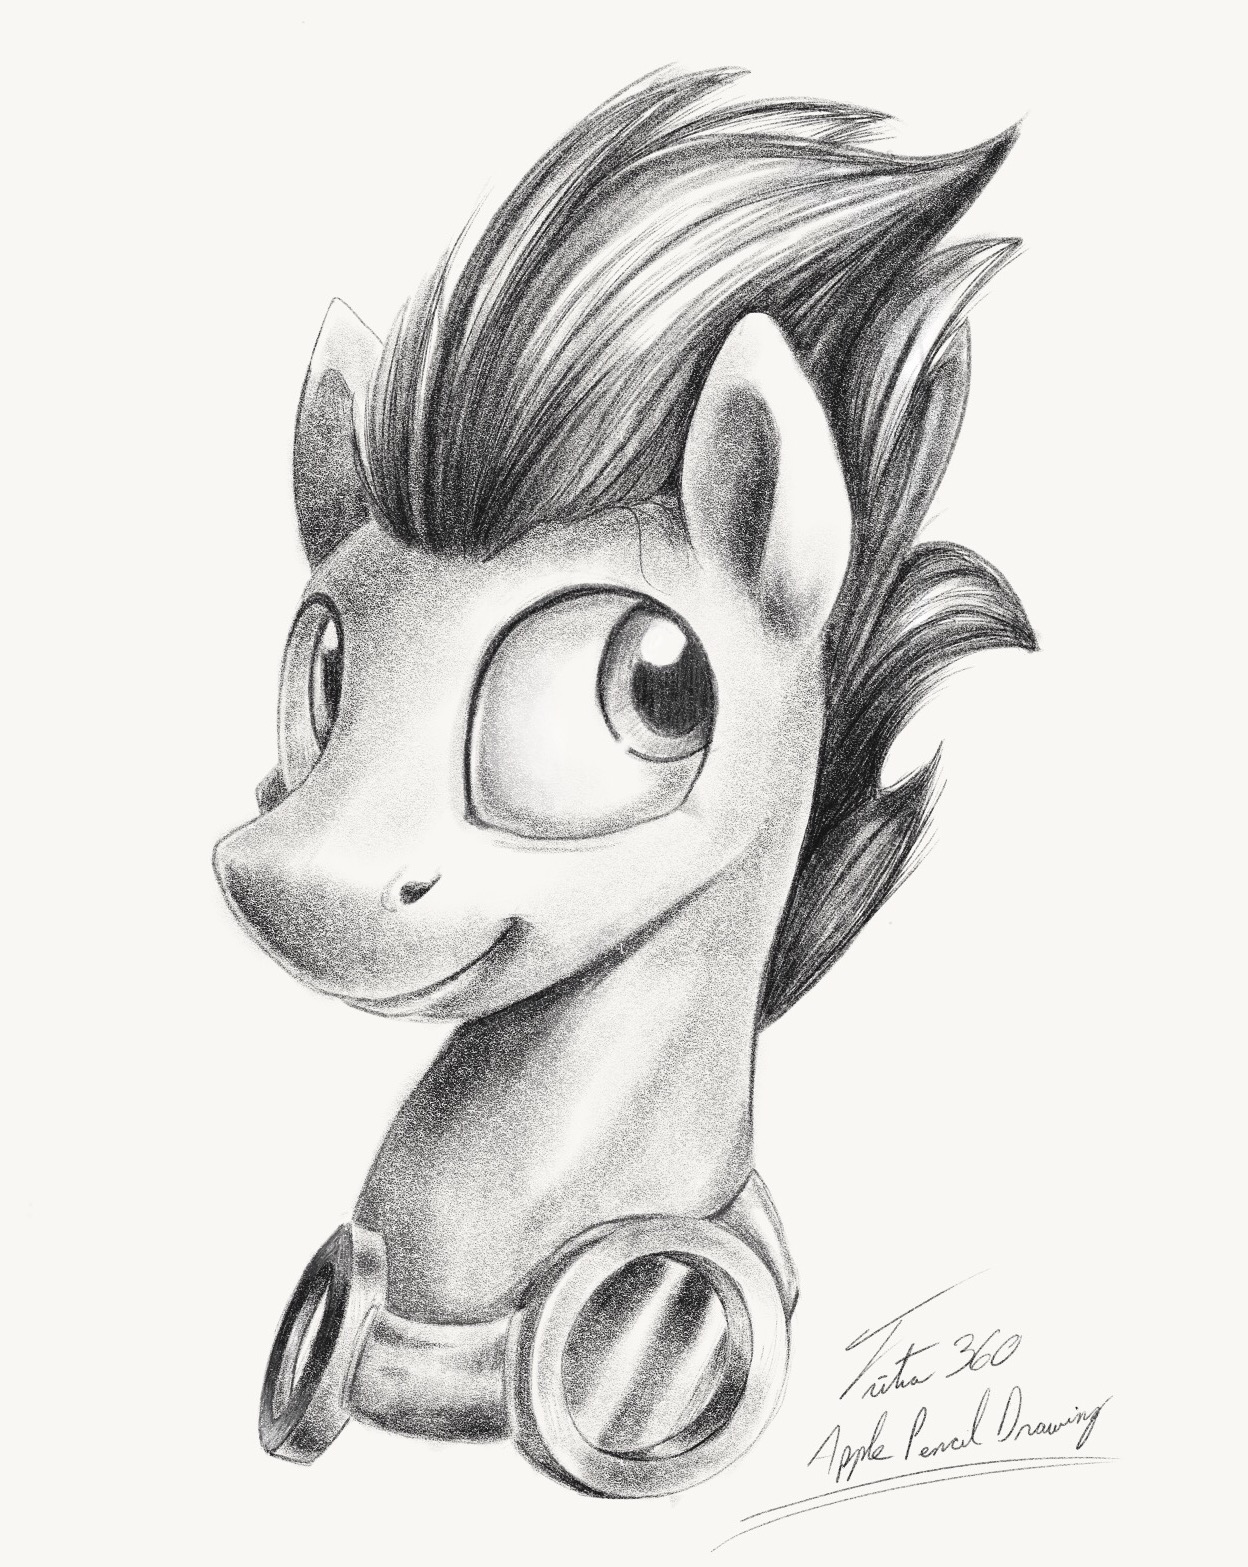 Soarin apple pencil drawing by tsitra360 deviantart com on deviantart